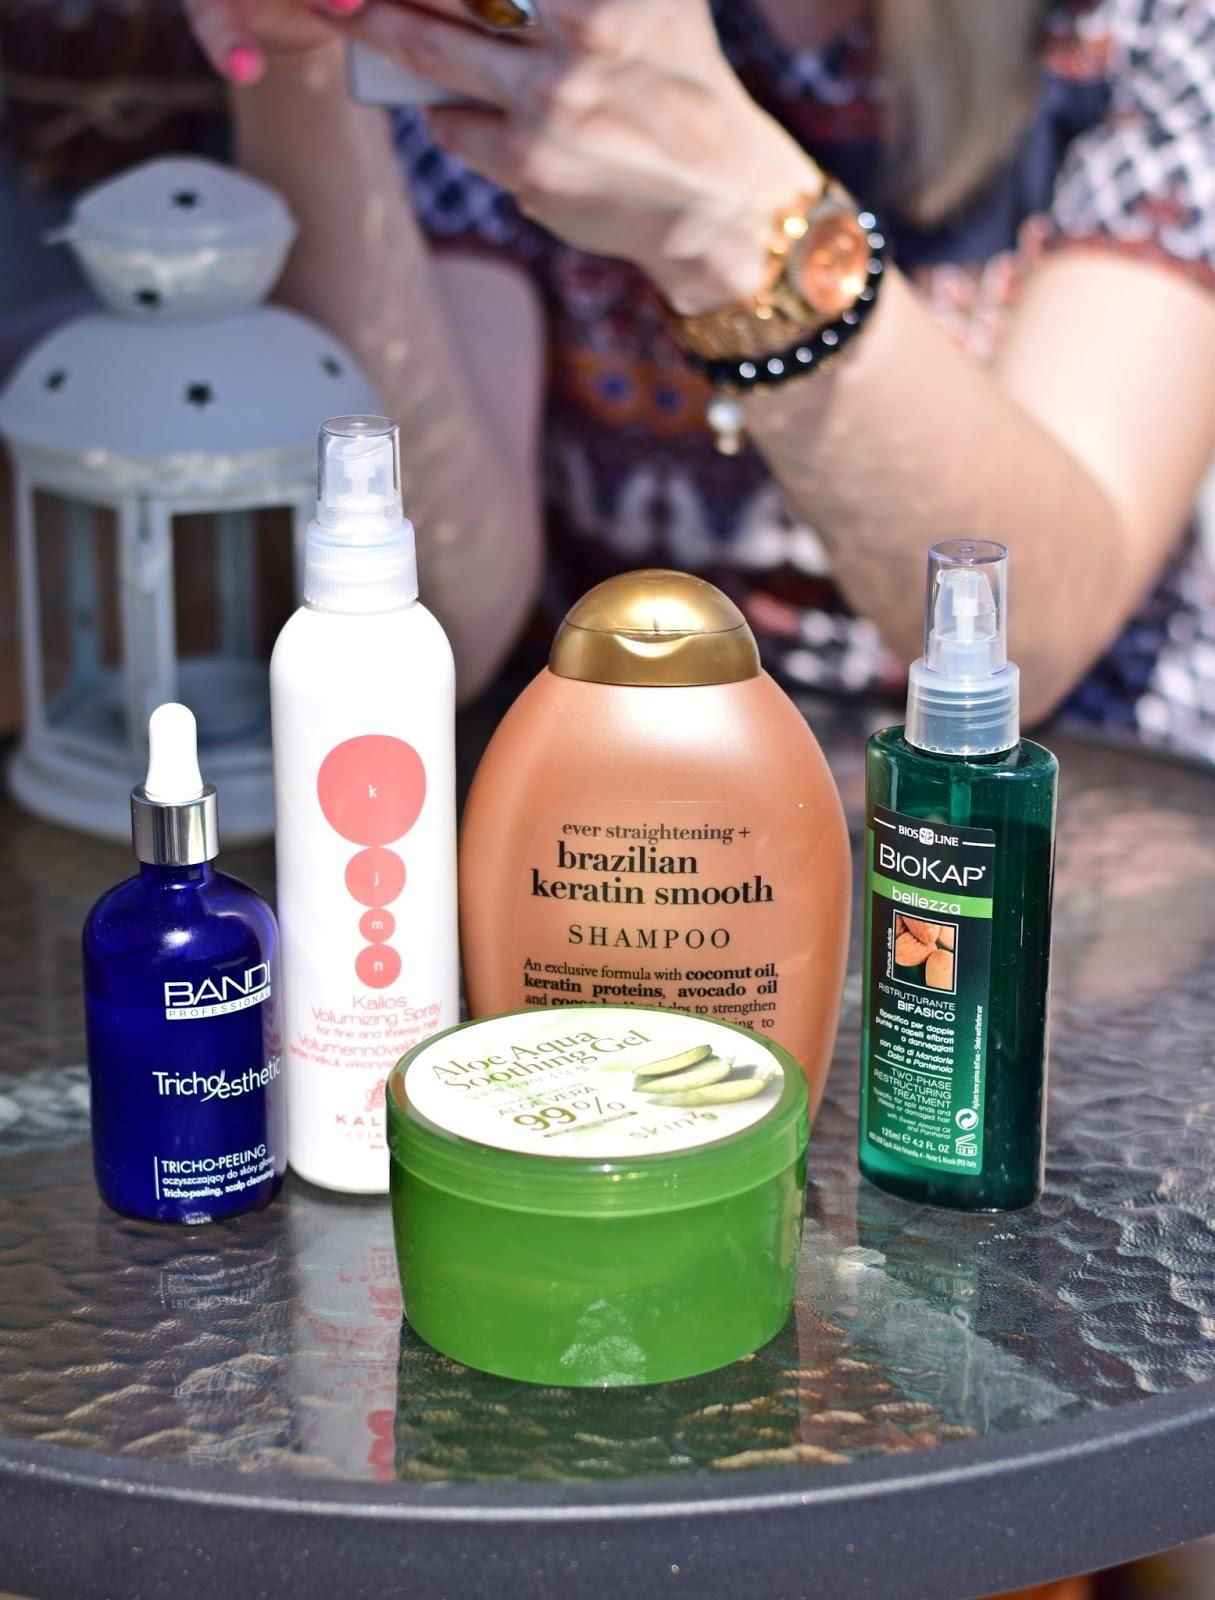 Niedziela dla włosów | Pielęgnacja skóry głowy i pierwsze wrażenie szamponu Organix